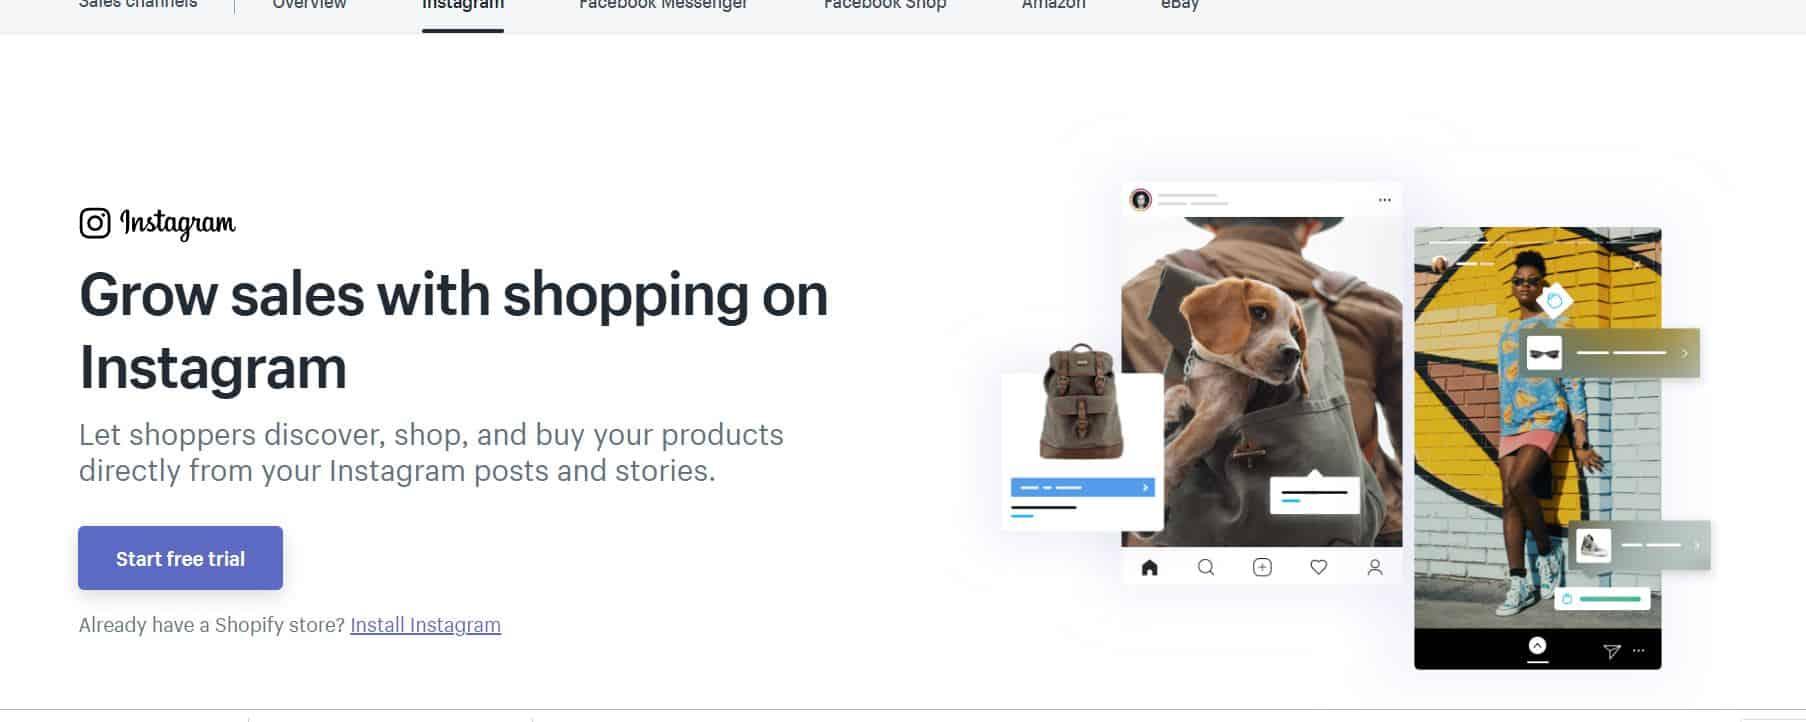 Shopping on Instagram